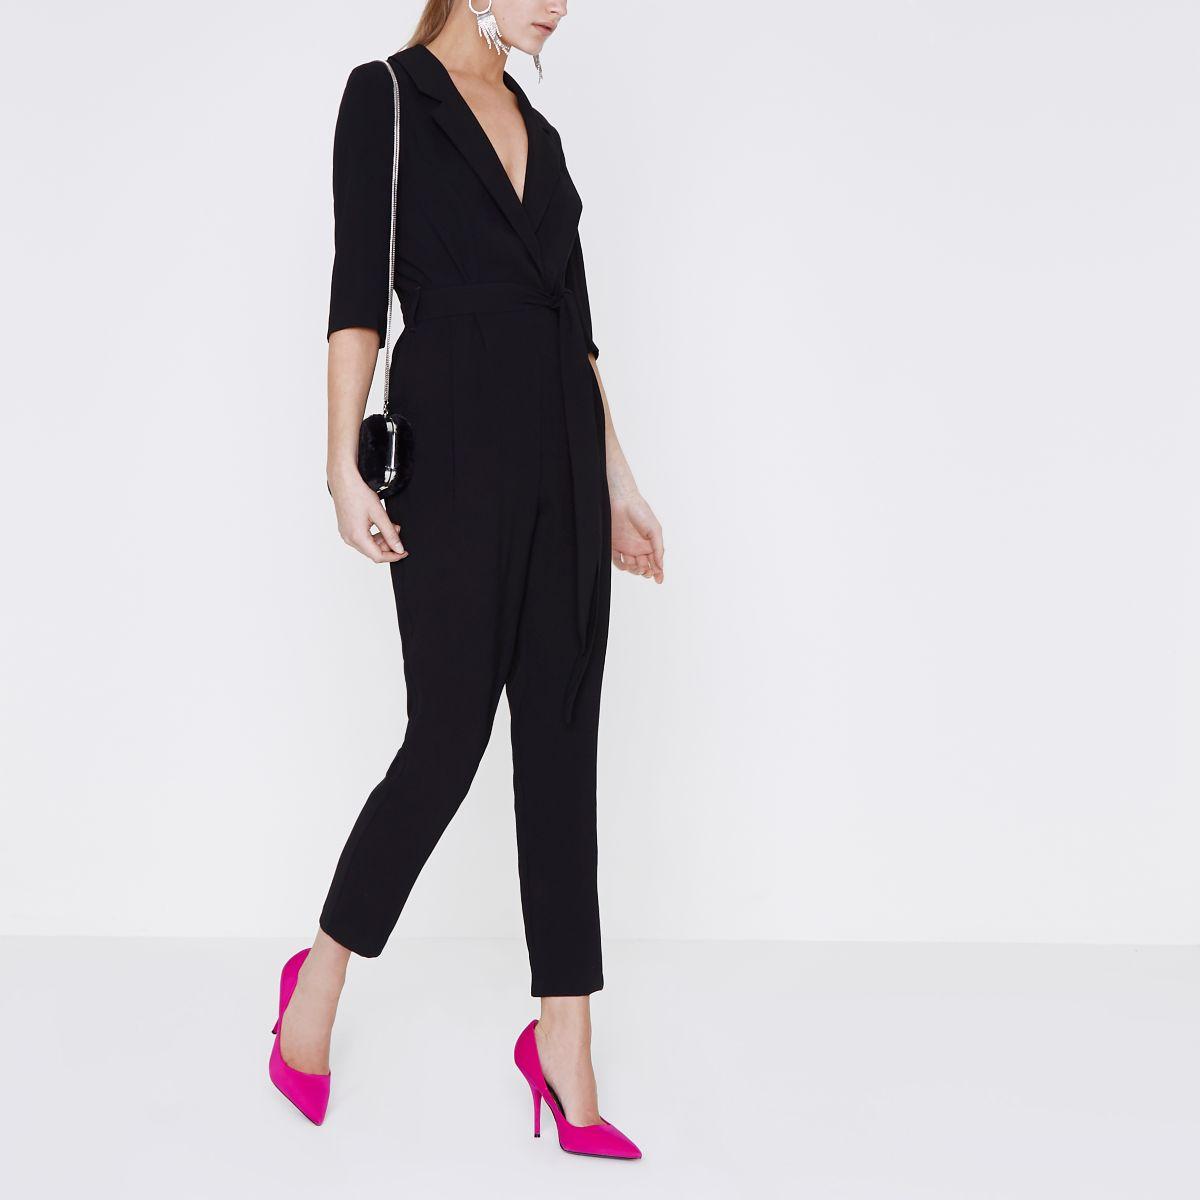 Black tailored three quarter sleeve jumpsuit